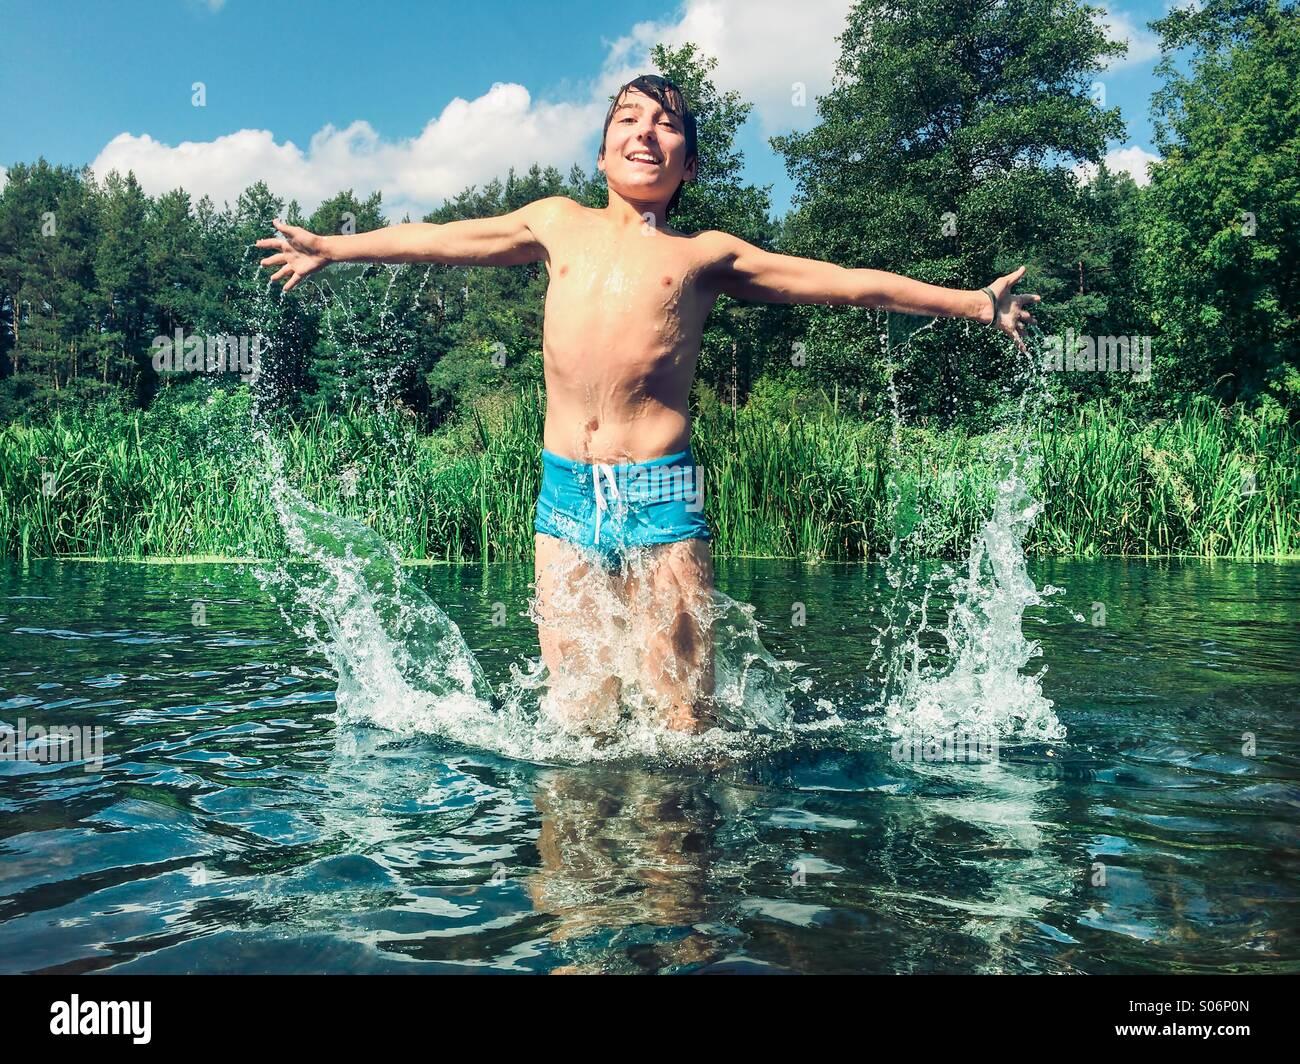 Joven chapoteando en el río Imagen De Stock